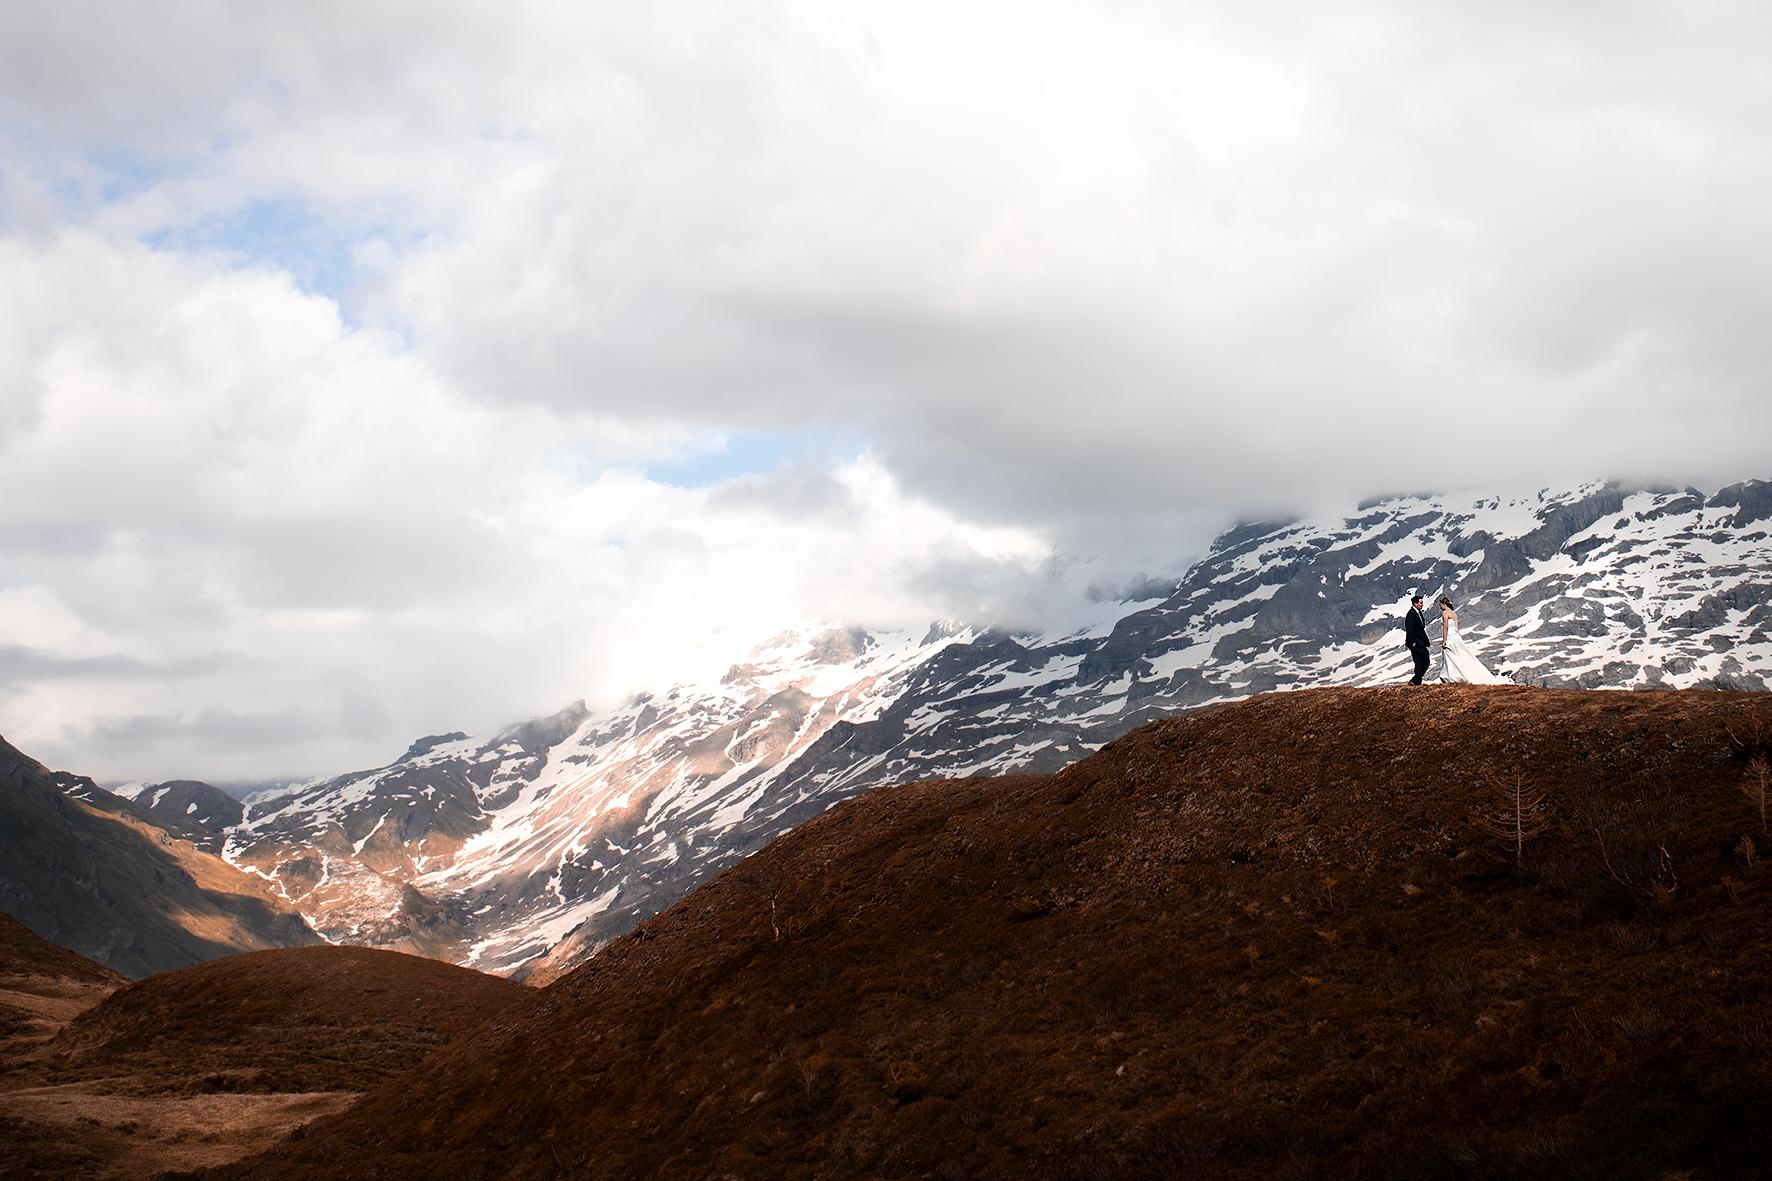 Ganz klein steht das Brautpaar auf einem Hügel vor einer imposanten Bergkulisse. Braut und Bräutigam stehen sich gegenüber und bereiten sich auf ihre Trauzeremonie vor. Die Berge sind teilweise von Schnee bedeckt. Die Sonne bricht an einigen Stellen durch die Wolken und wirft Lichtflecken auf das Tal. Im Hintergrund ist der Jochpass zu sehen.